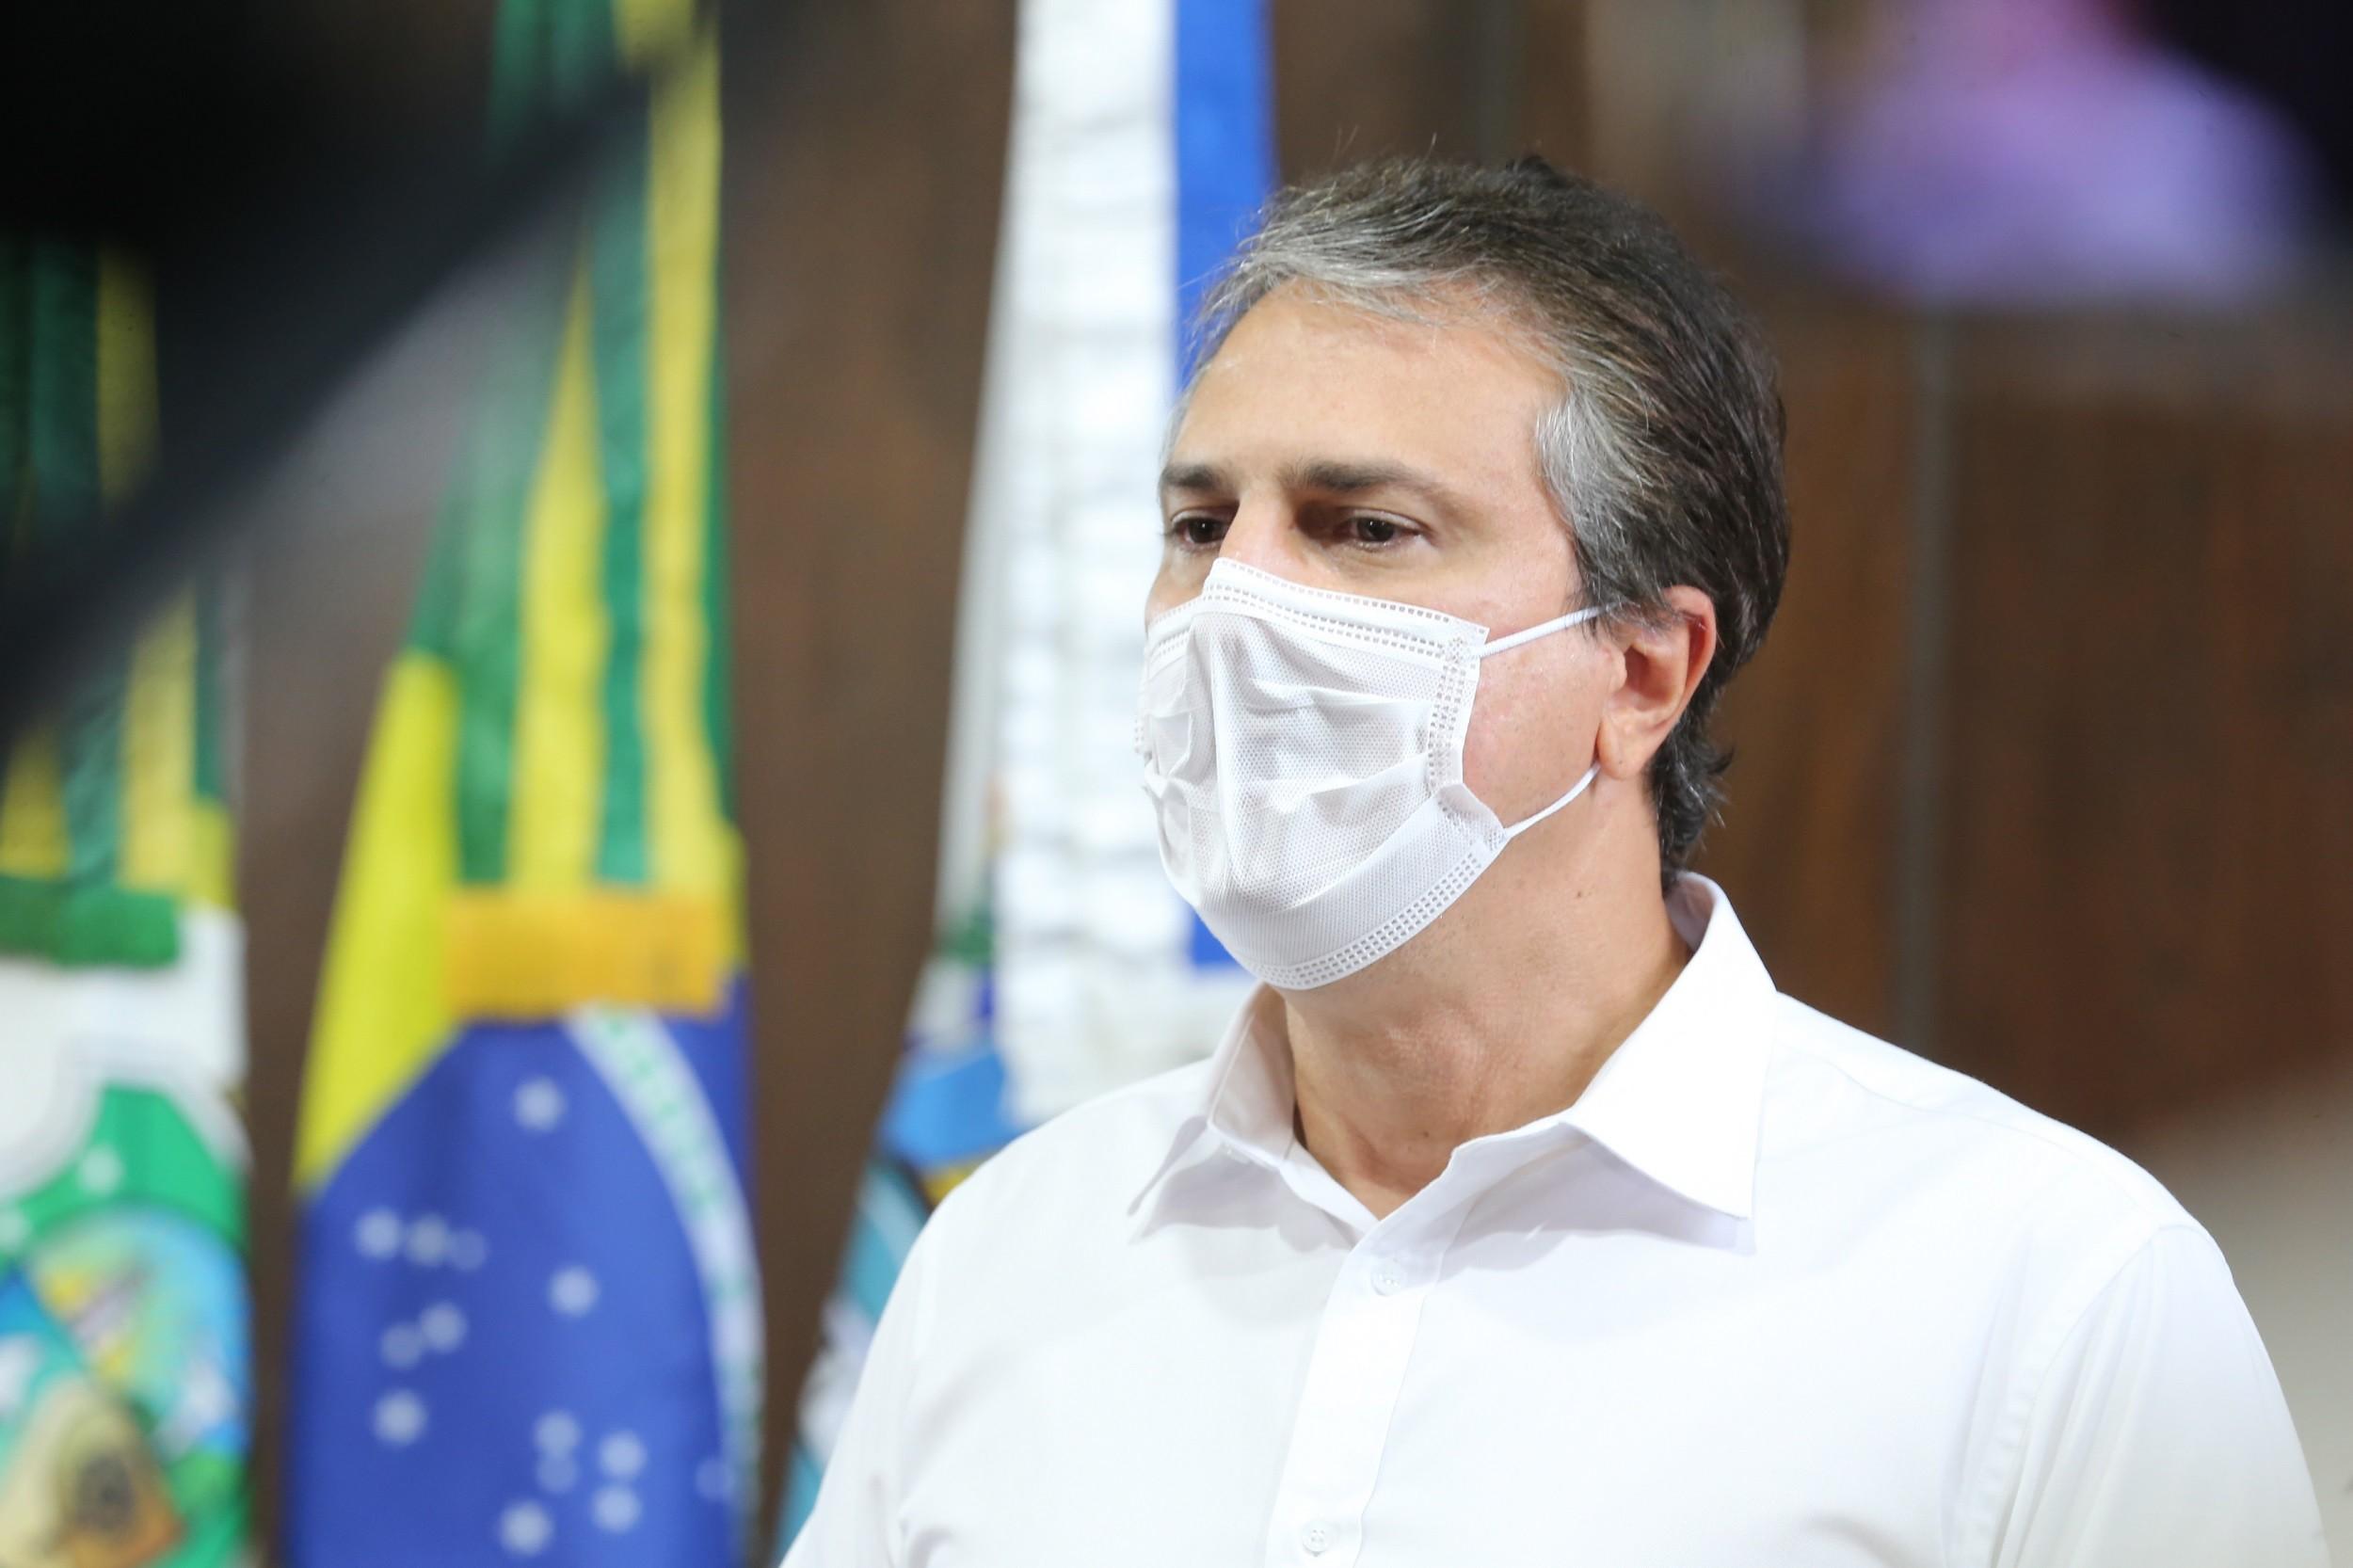 'O Brasil negligenciou em tudo', critica governador do Ceará ao reafirmar necessidade de vacinação em massa contra Covid-19